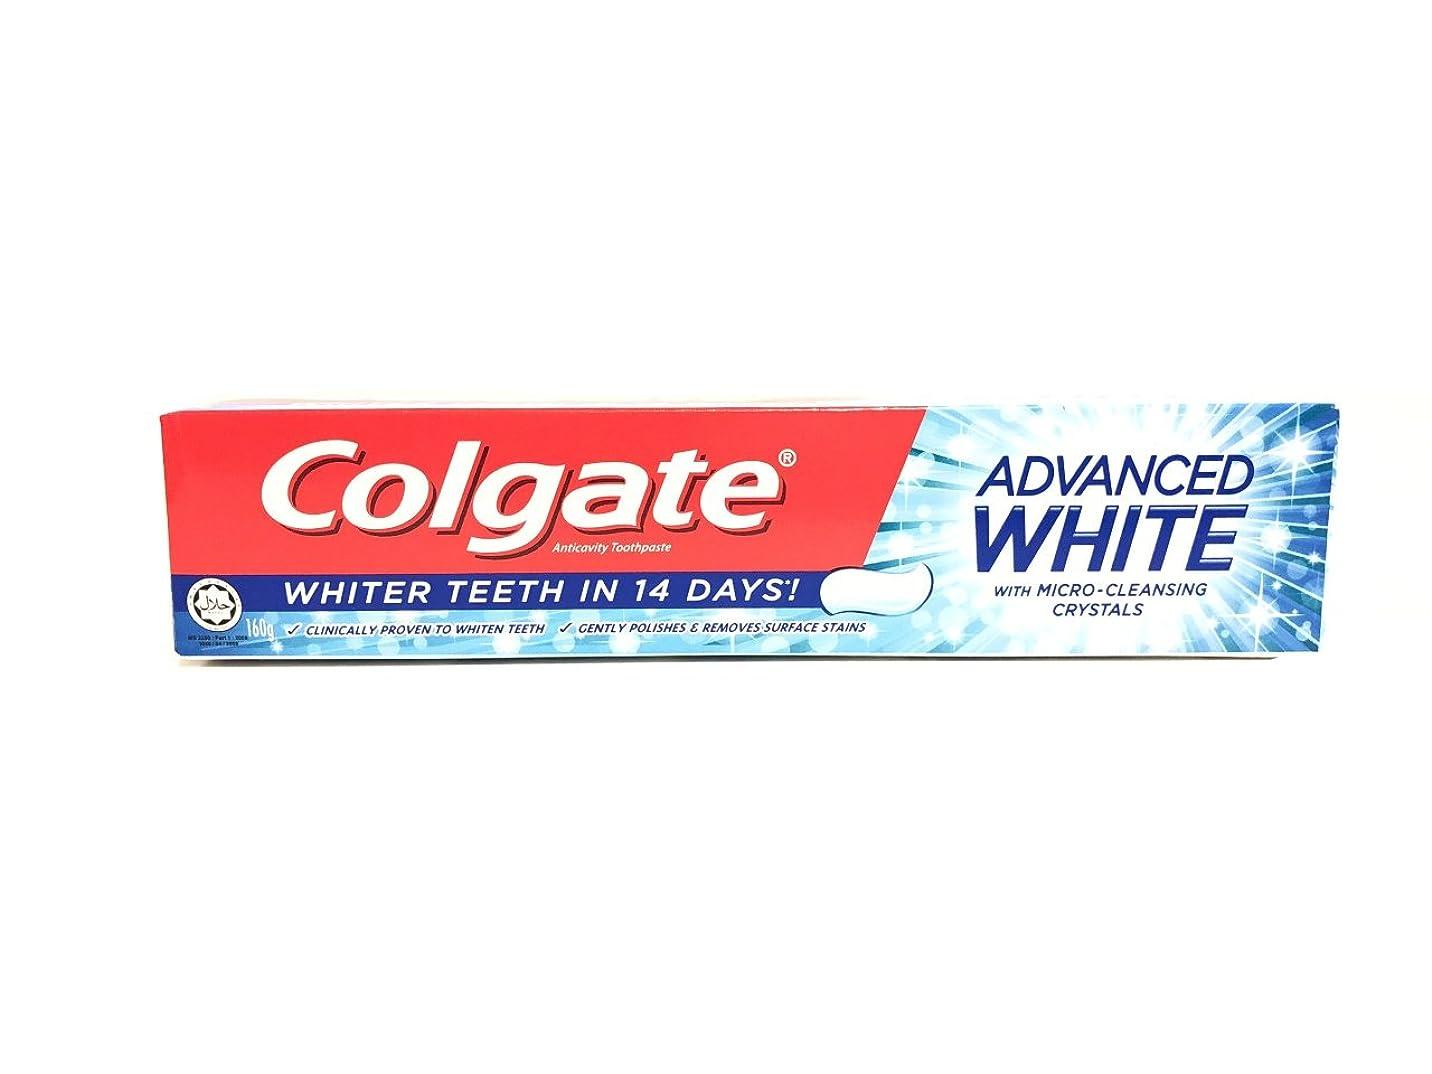 シャイニングボーカル波[ARTASY WORKSHOP?][並行輸入品] Colgate コルゲート 歯磨き粉 美白 ADVANCED WHITE 美白歯磨剤 虫歯予防 歯周病ケア 口臭改善 ホワイトニング (ADVANCED WHITE)